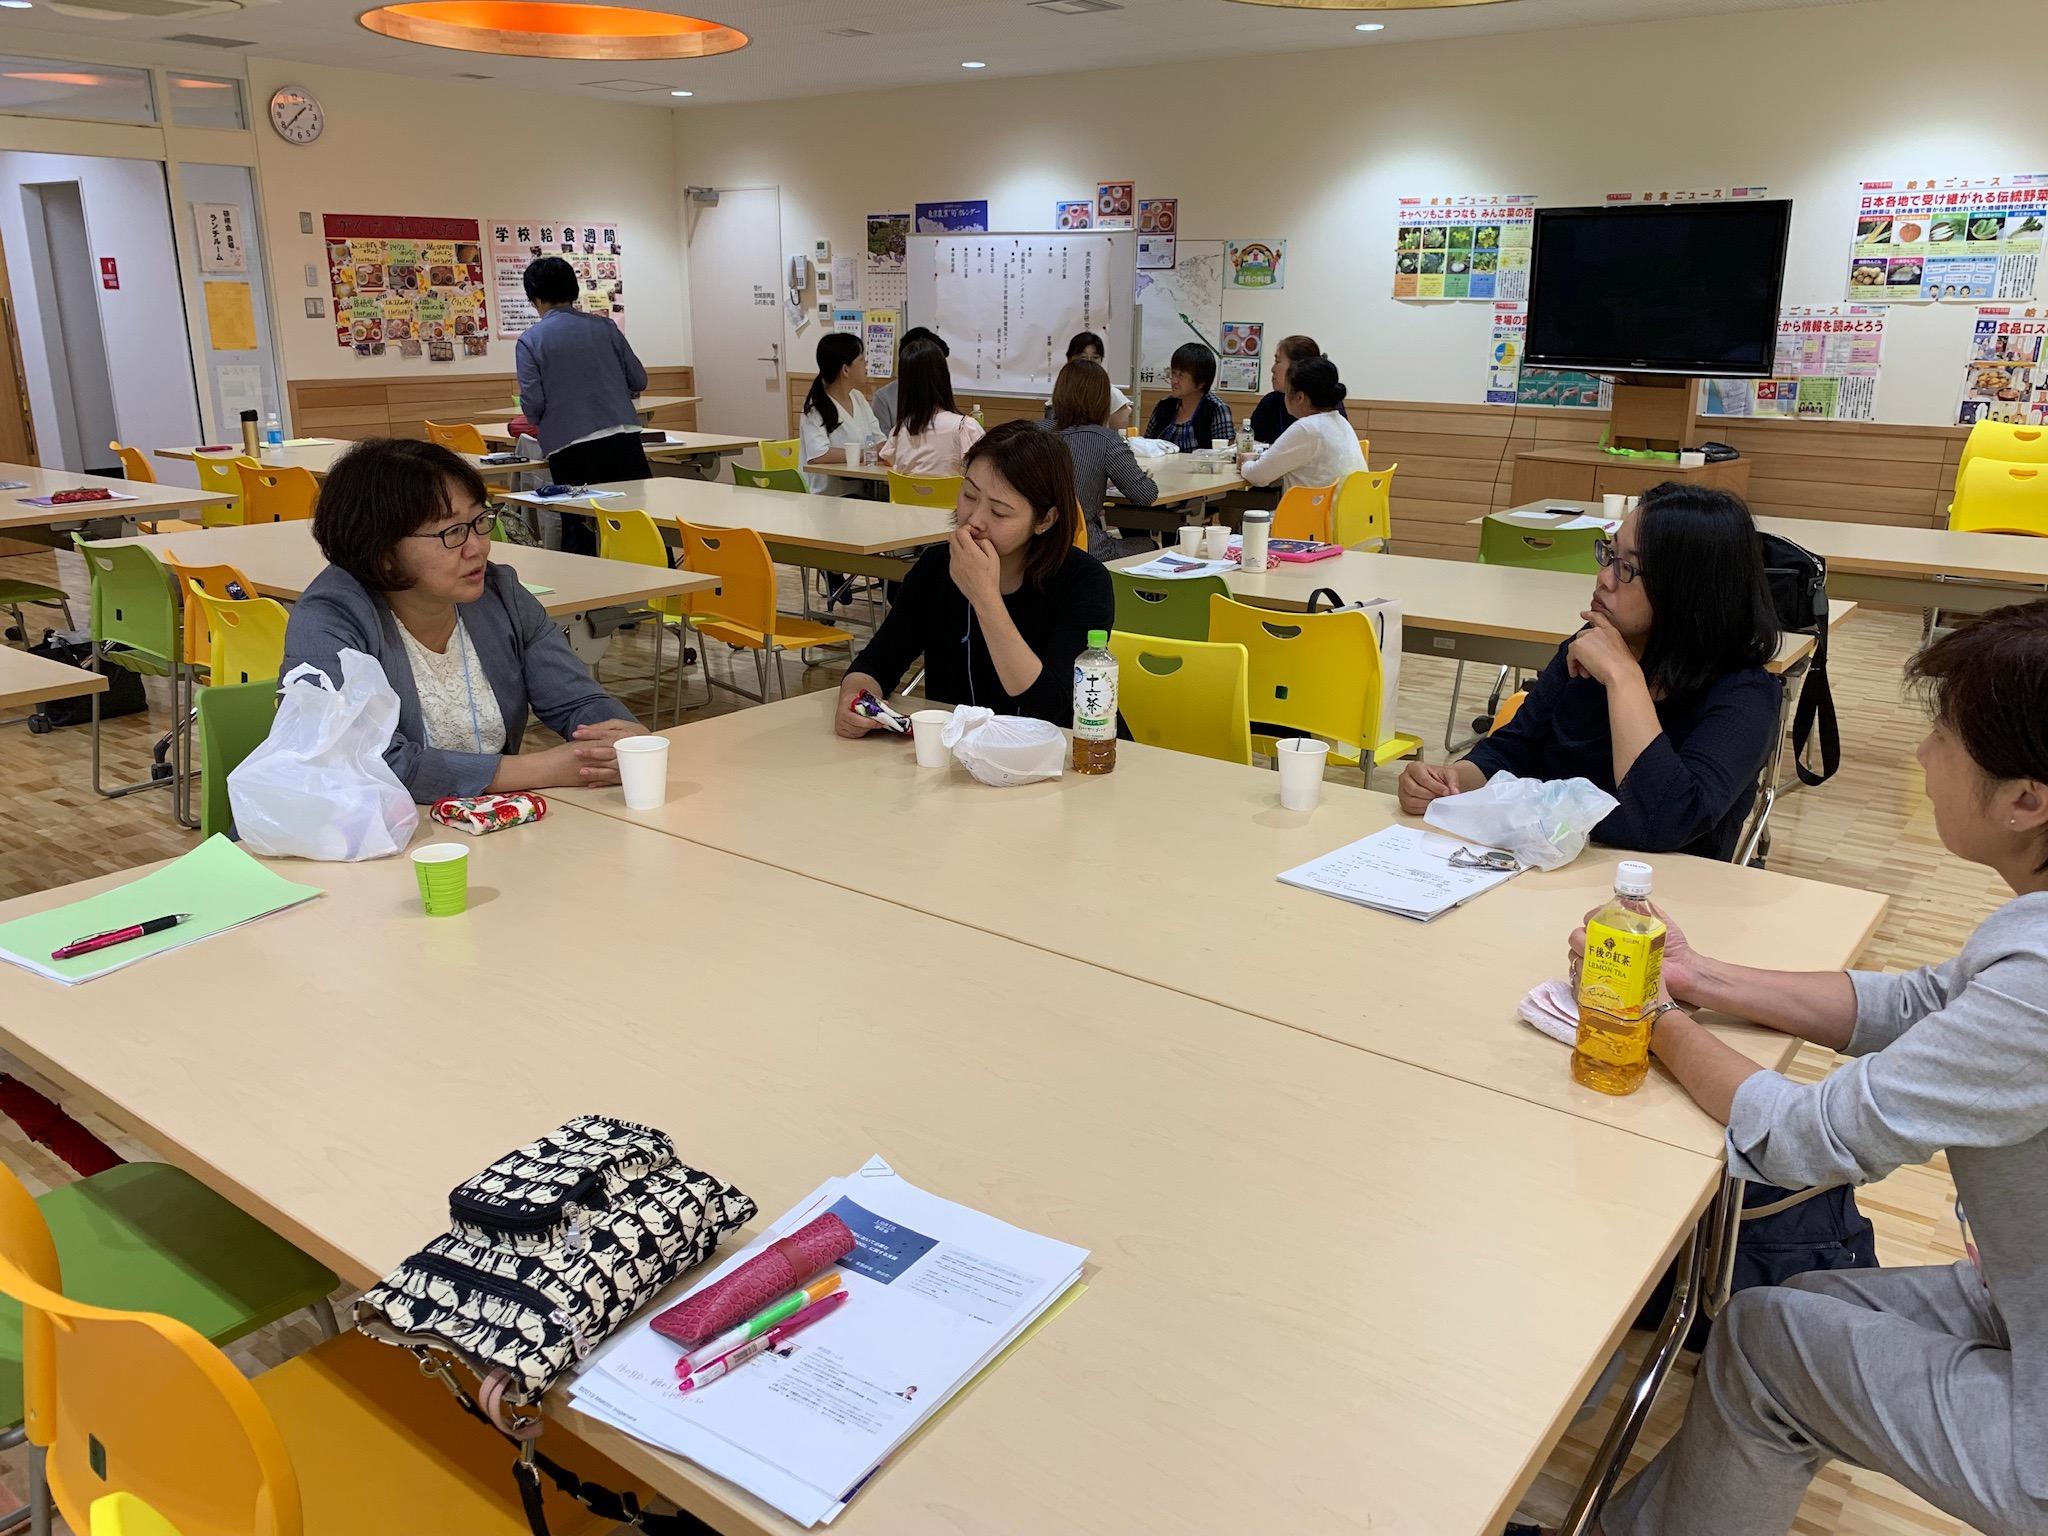 保健 福祉 精神 センター 都立 大阪市:精神保健福祉センター (…>健康・医療>こころの健康に関すること)